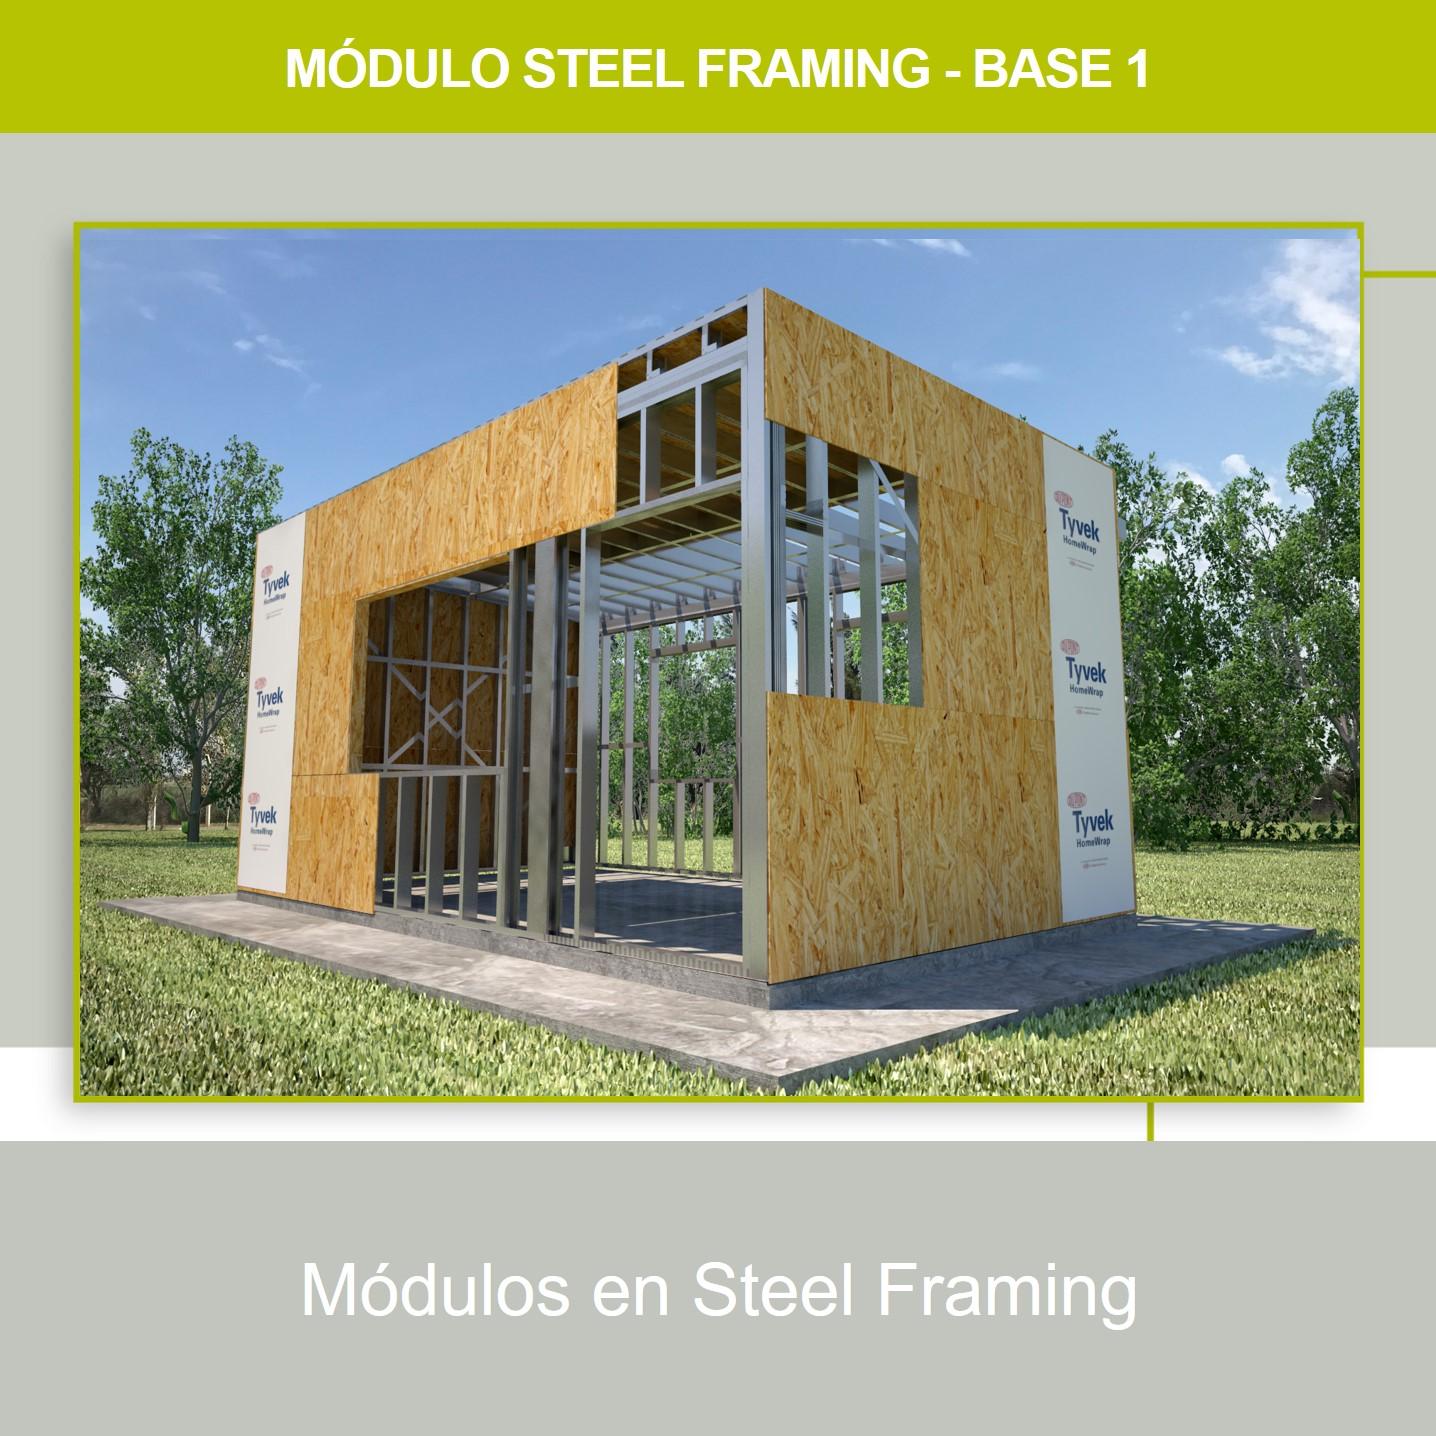 MÓDULOS EN STEEL FRAMING: [Módulo Base 1].